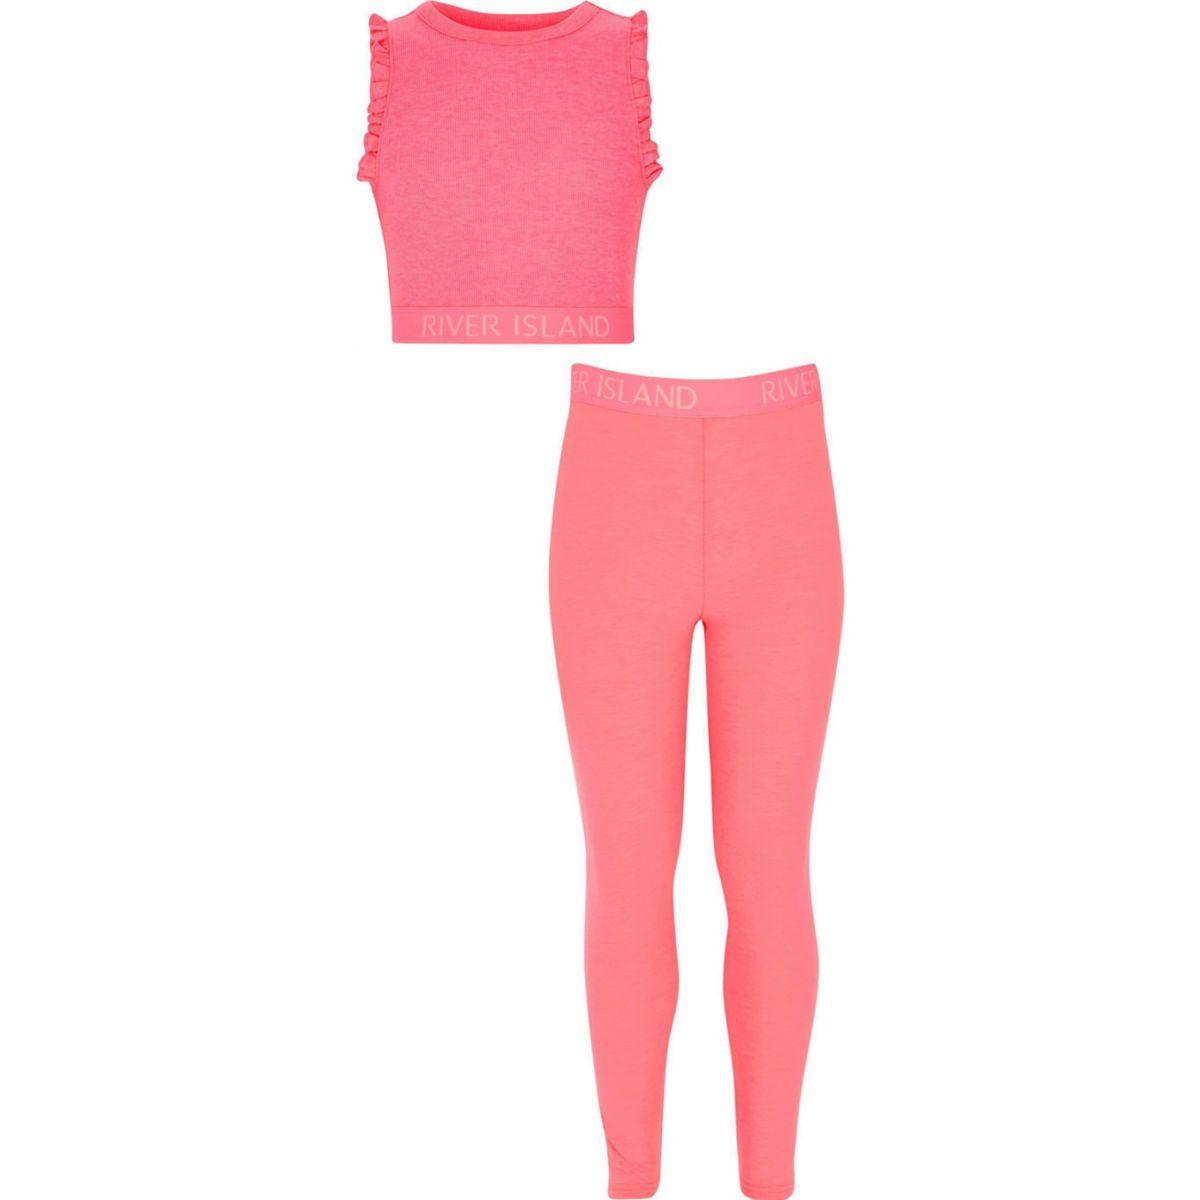 RI – Ensemble legging et crop top rose pour fille